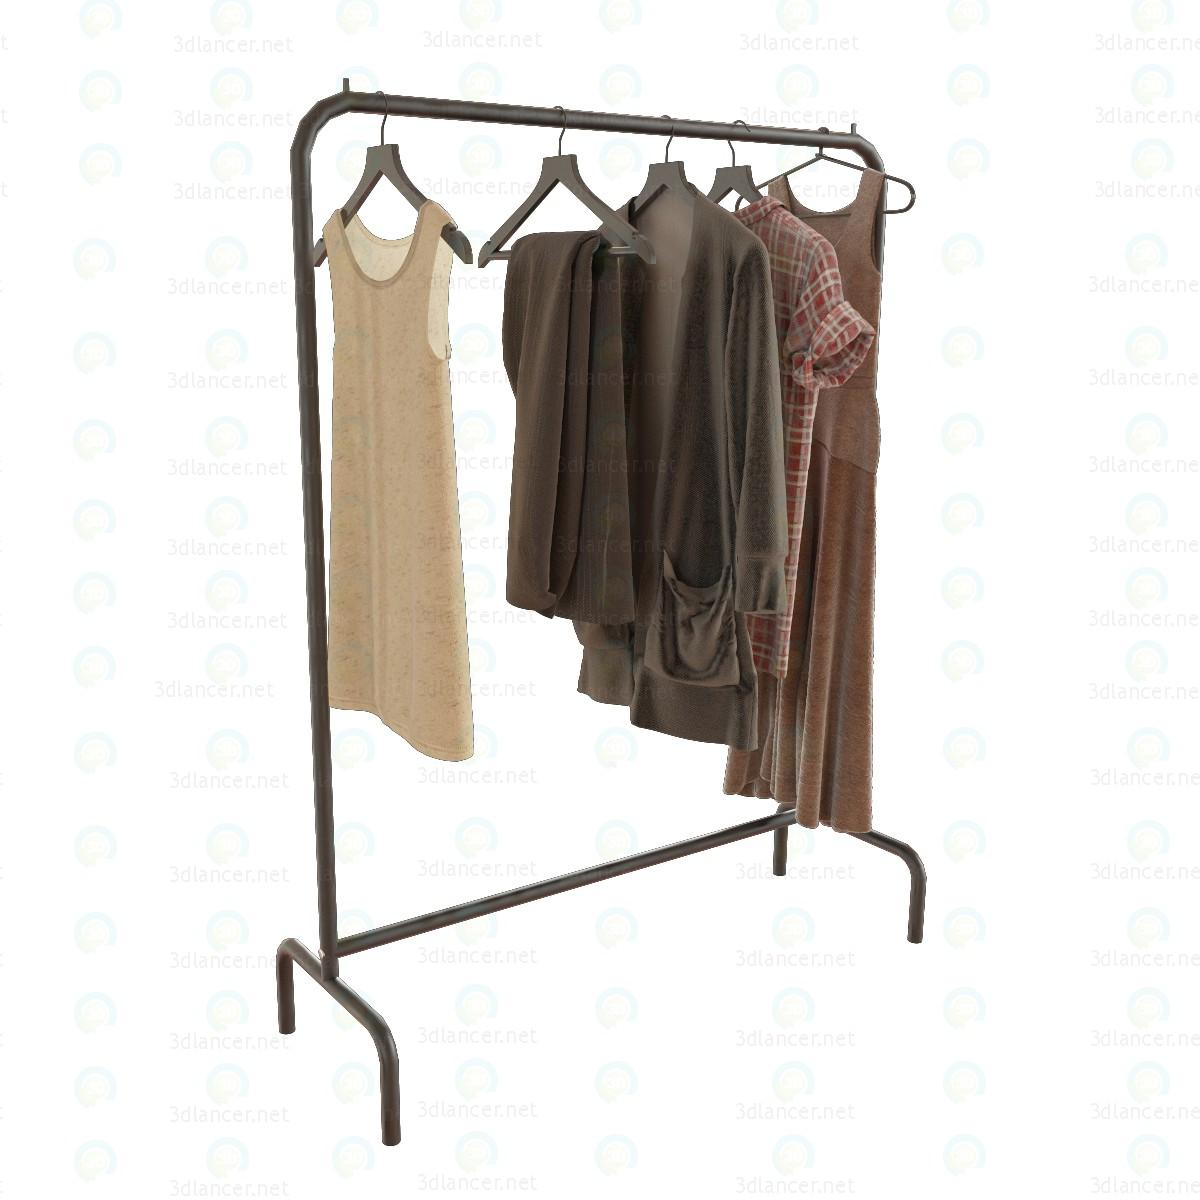 3d model Hanger floor - preview